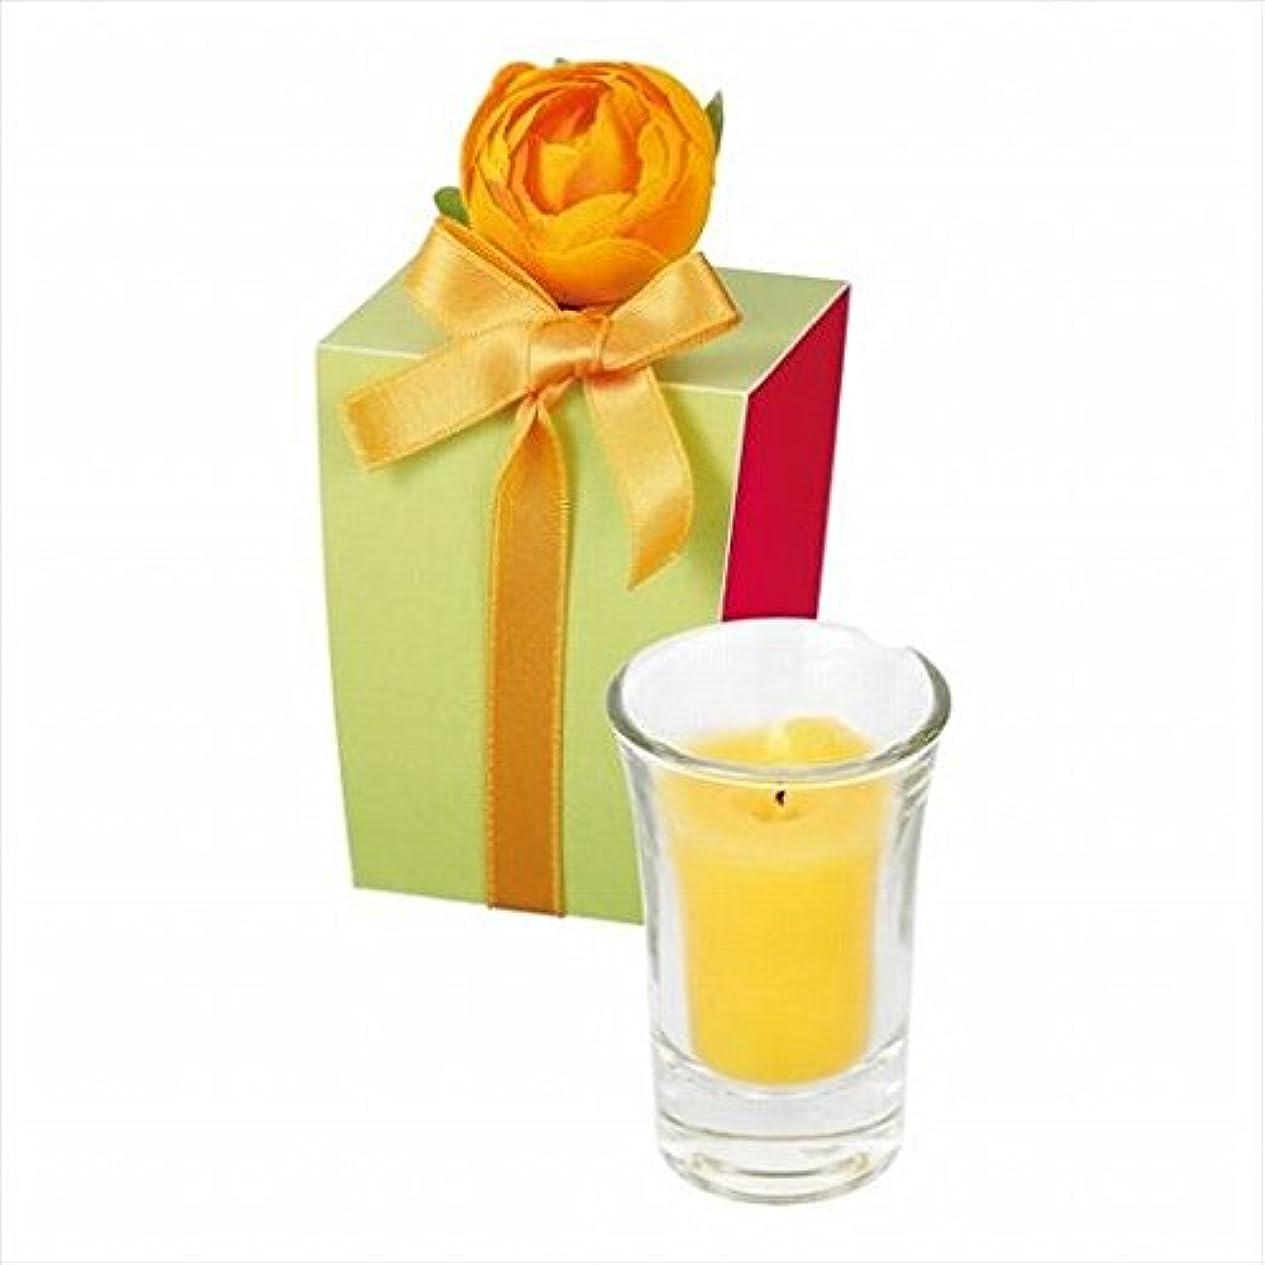 狂気青和kameyama candle(カメヤマキャンドル) ラナンキュラスグラスキャンドル 「 イエロー 」(A9390500Y)